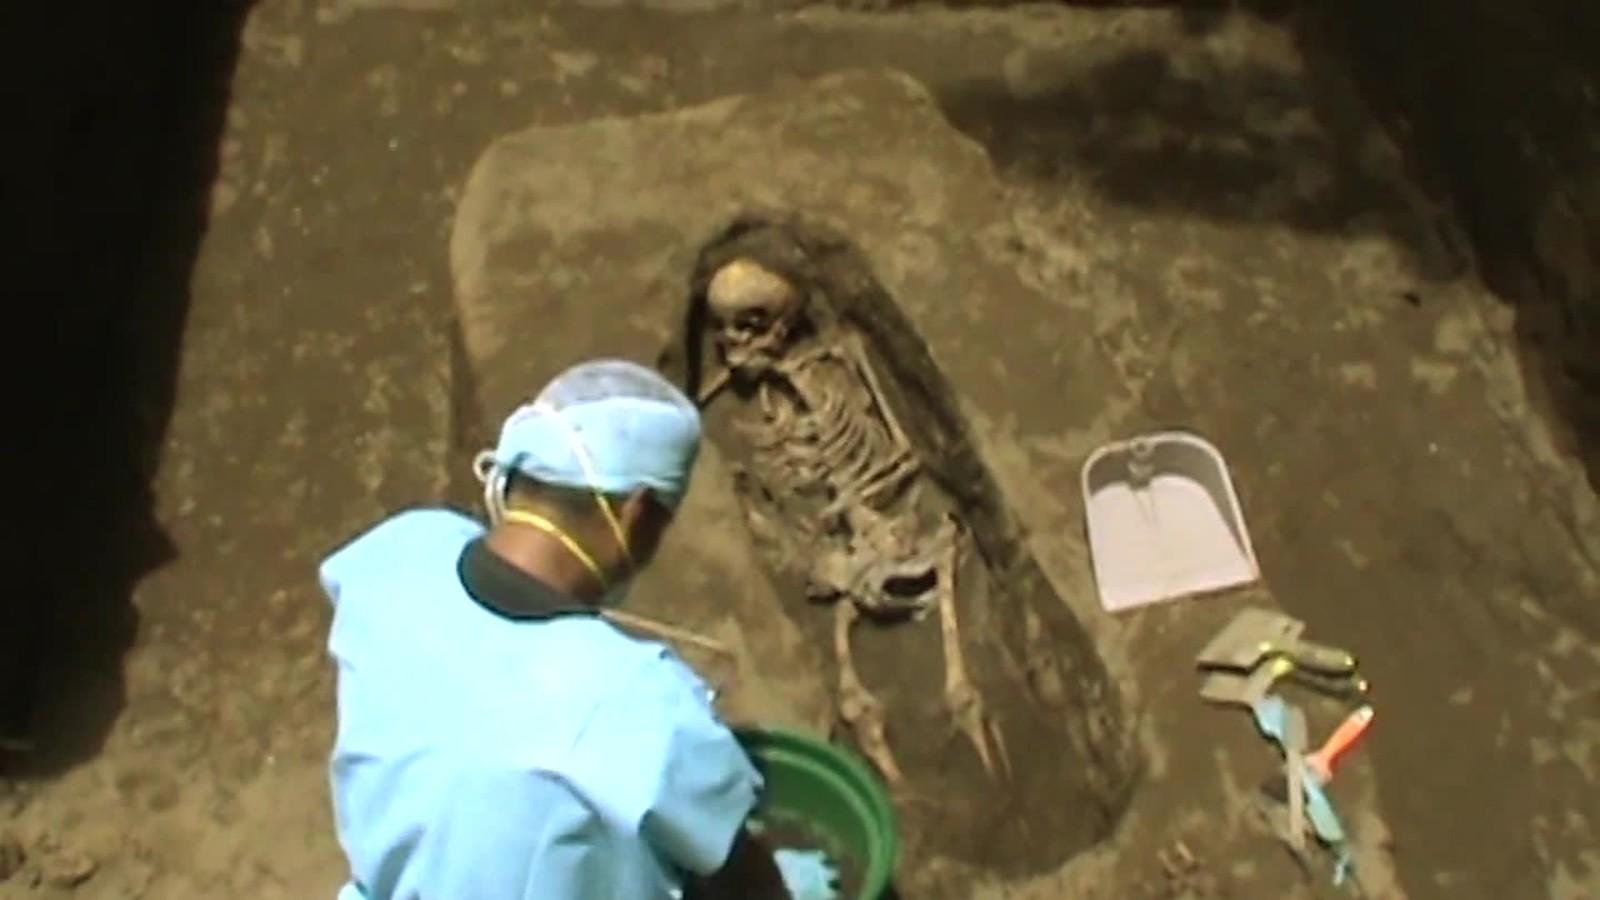 Descubren cementerio clandestino de maras en un taller mecánico de la capital salvadoreña